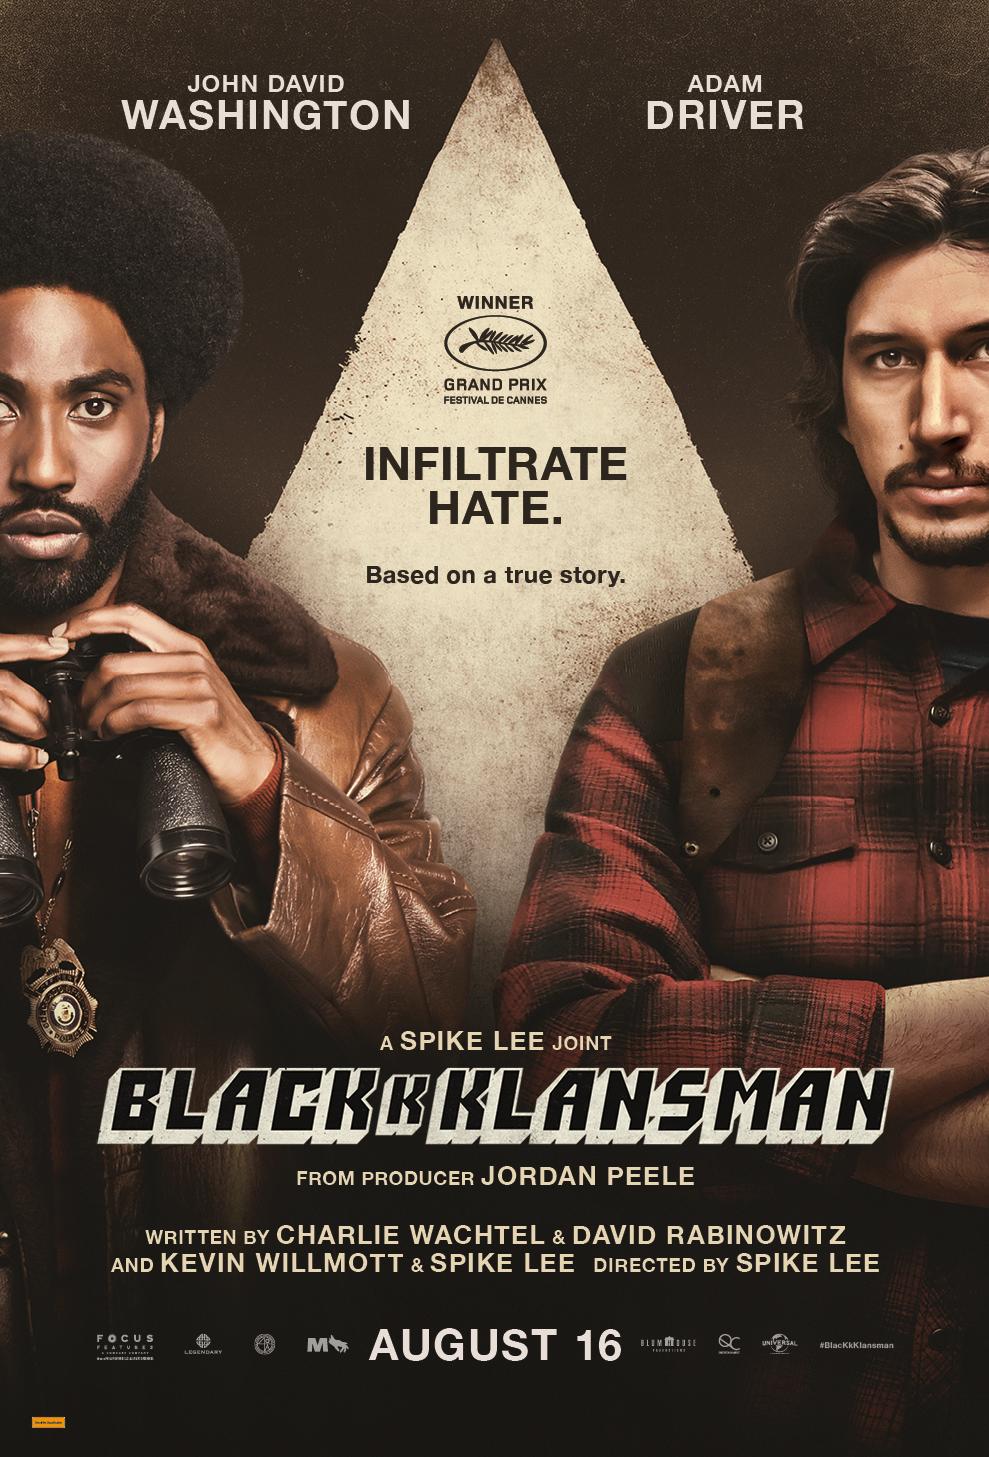 BLACKKKLANSMAN is SPIKE LEE in EPIC FORM